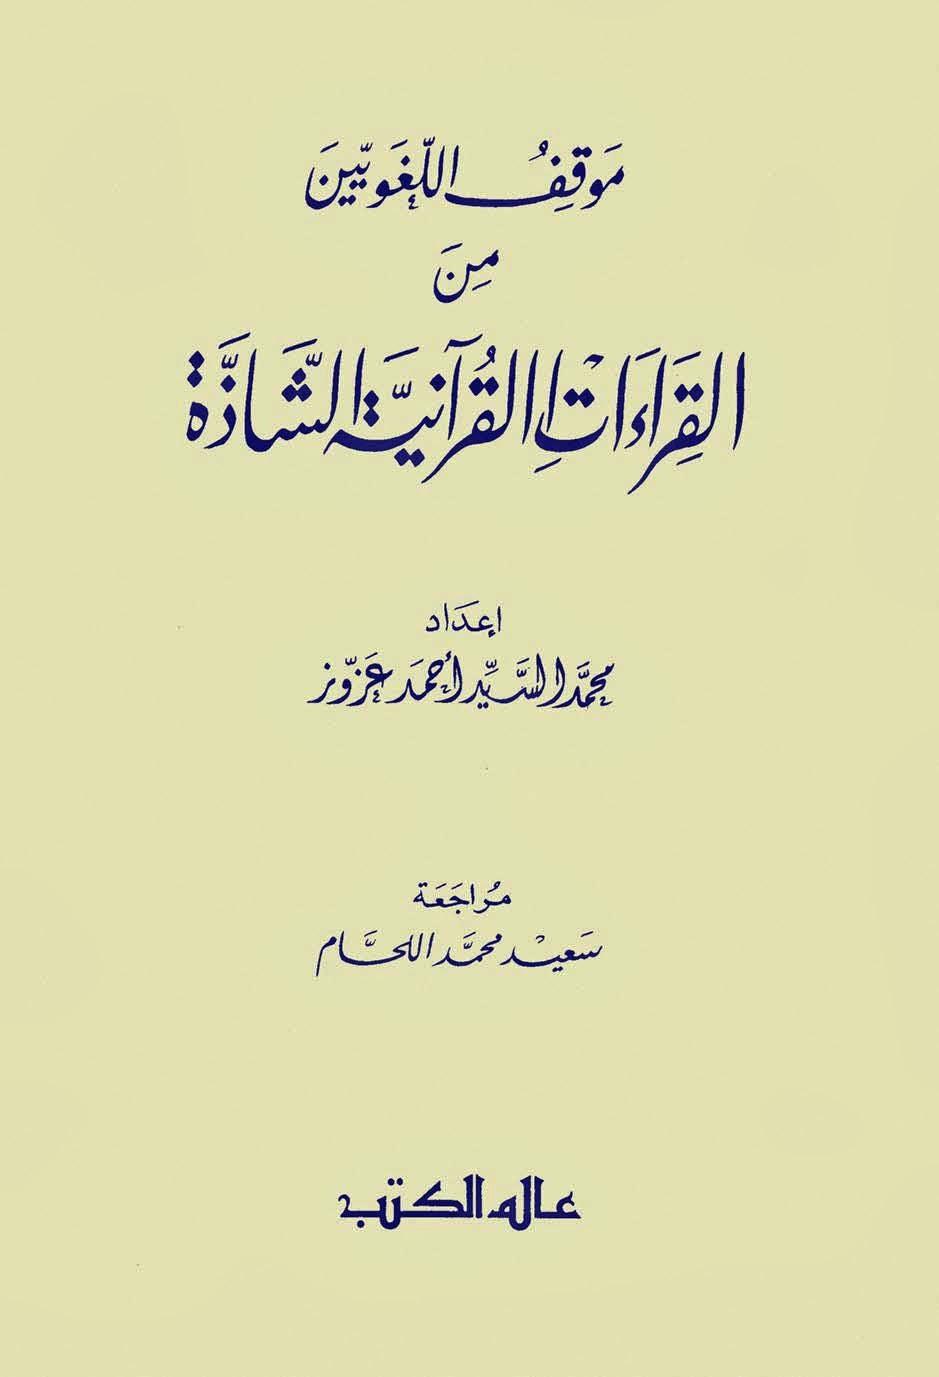 موقف اللغويين من القراءات القرآنية الشاذة